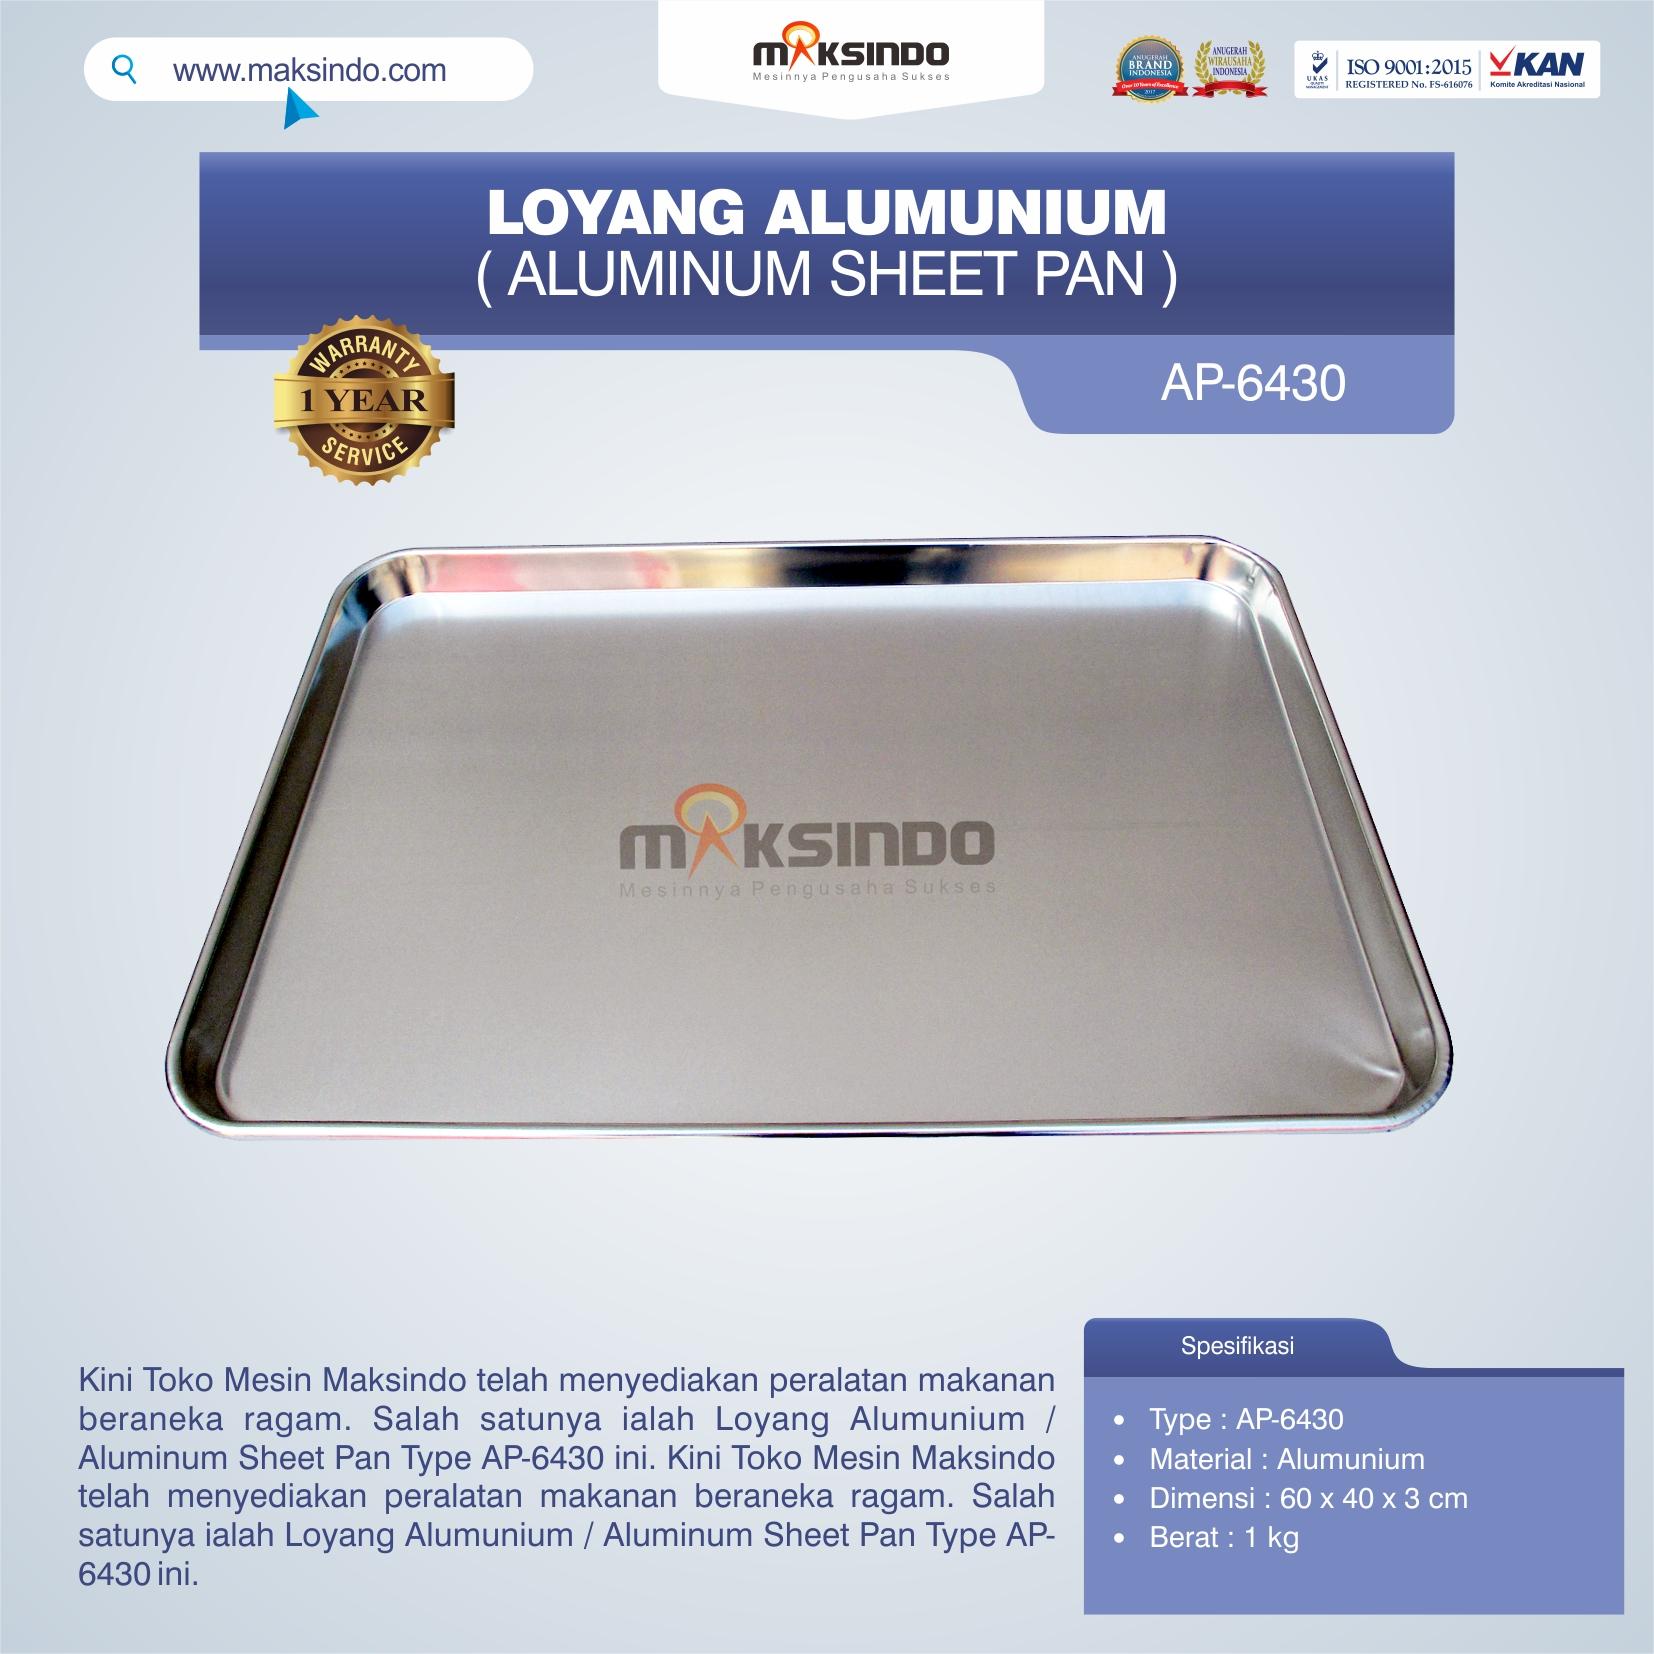 Jual Loyang Alumunium / Aluminum Sheet Pan Type AP-6430 di Malang